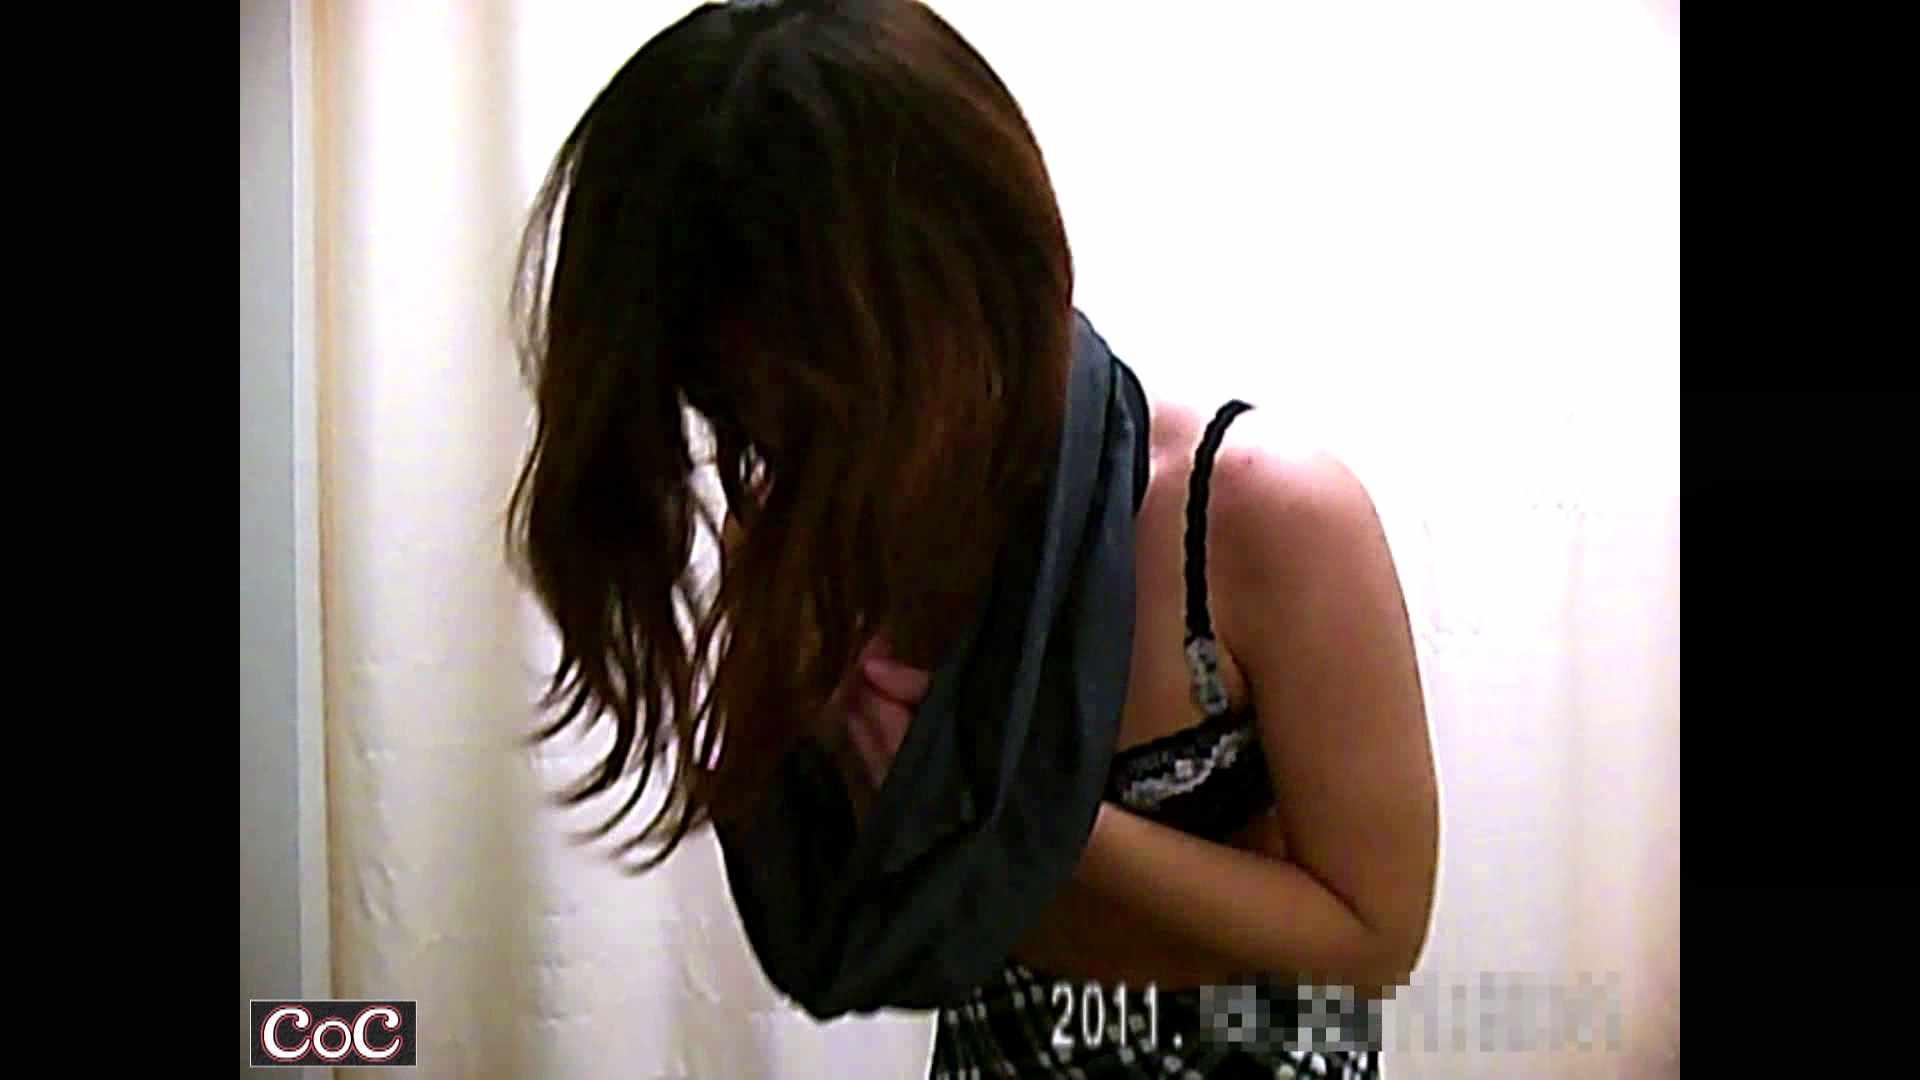 元医者による反抗 更衣室地獄絵巻 vol.194 OLハメ撮り  37Pix 17